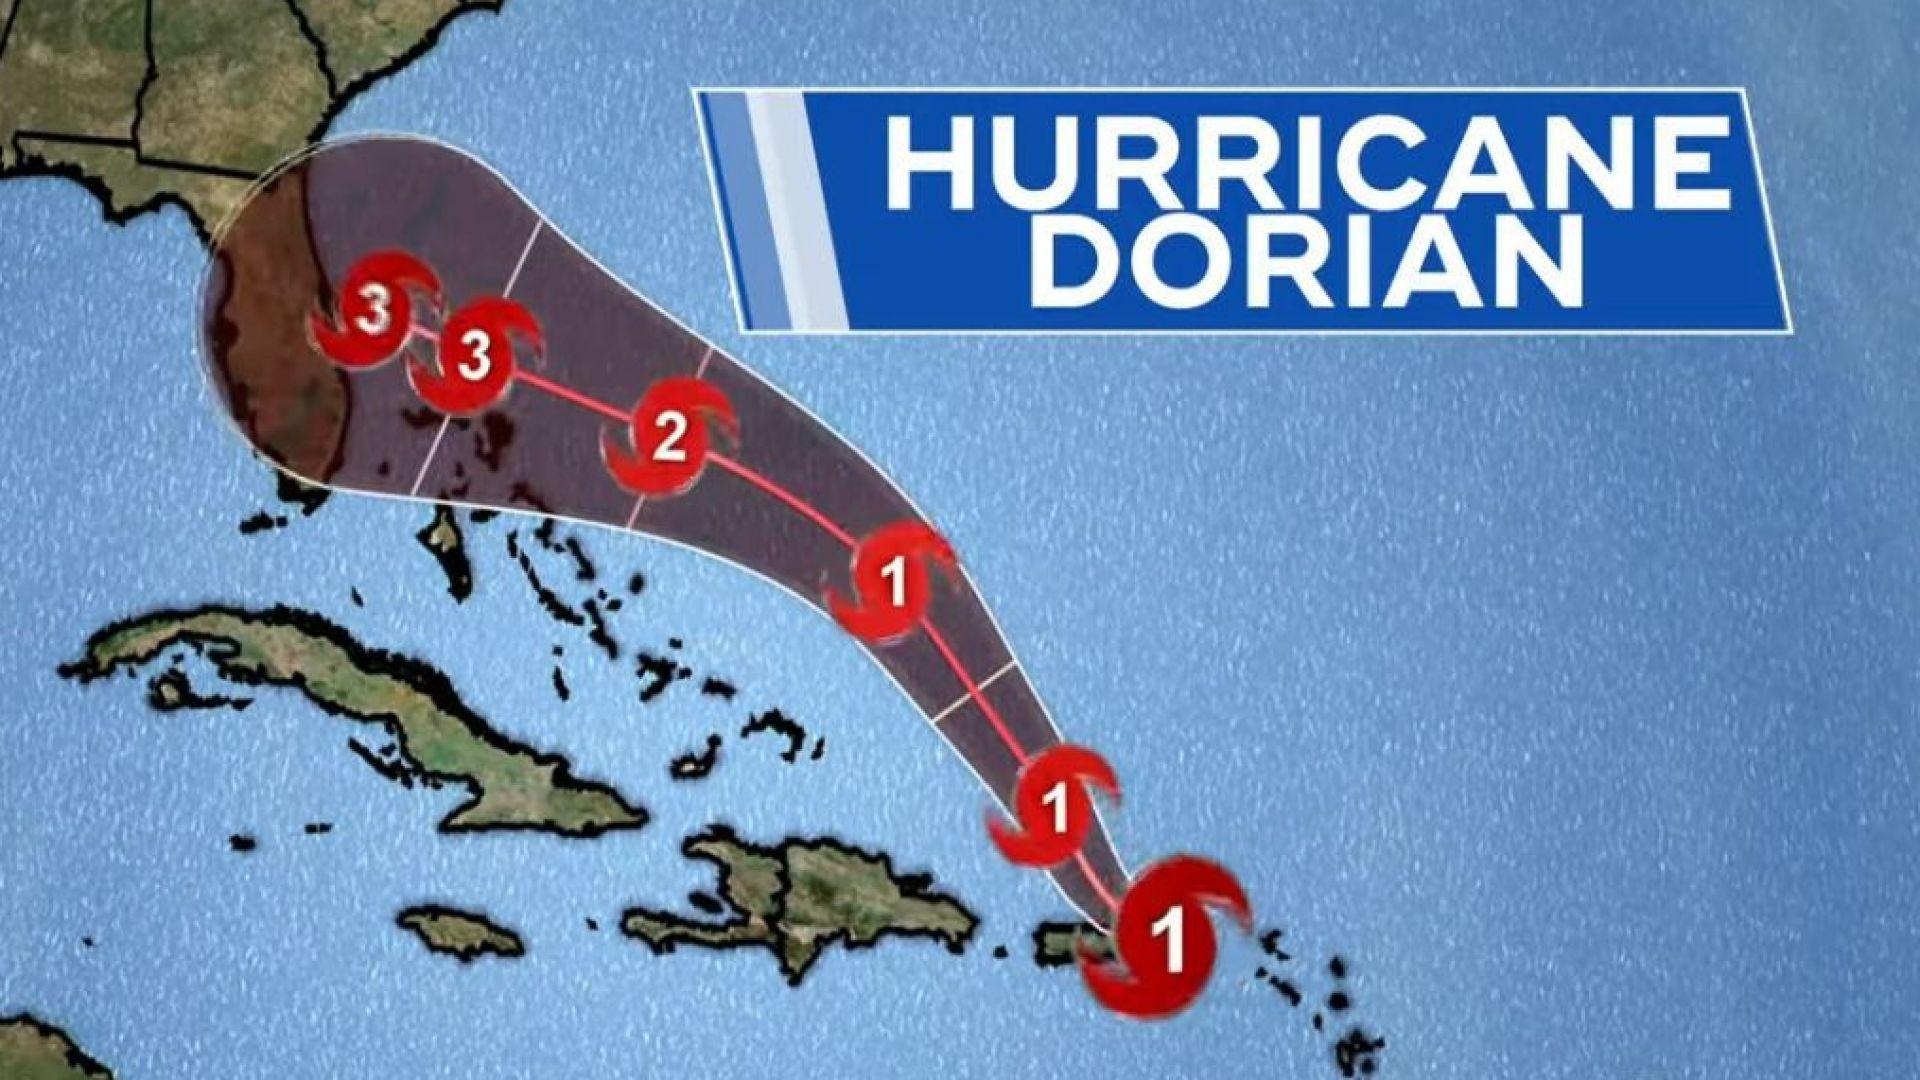 Лично Тръмп предупреди: Ураганът Дориан може да стане един от най-силните в историята